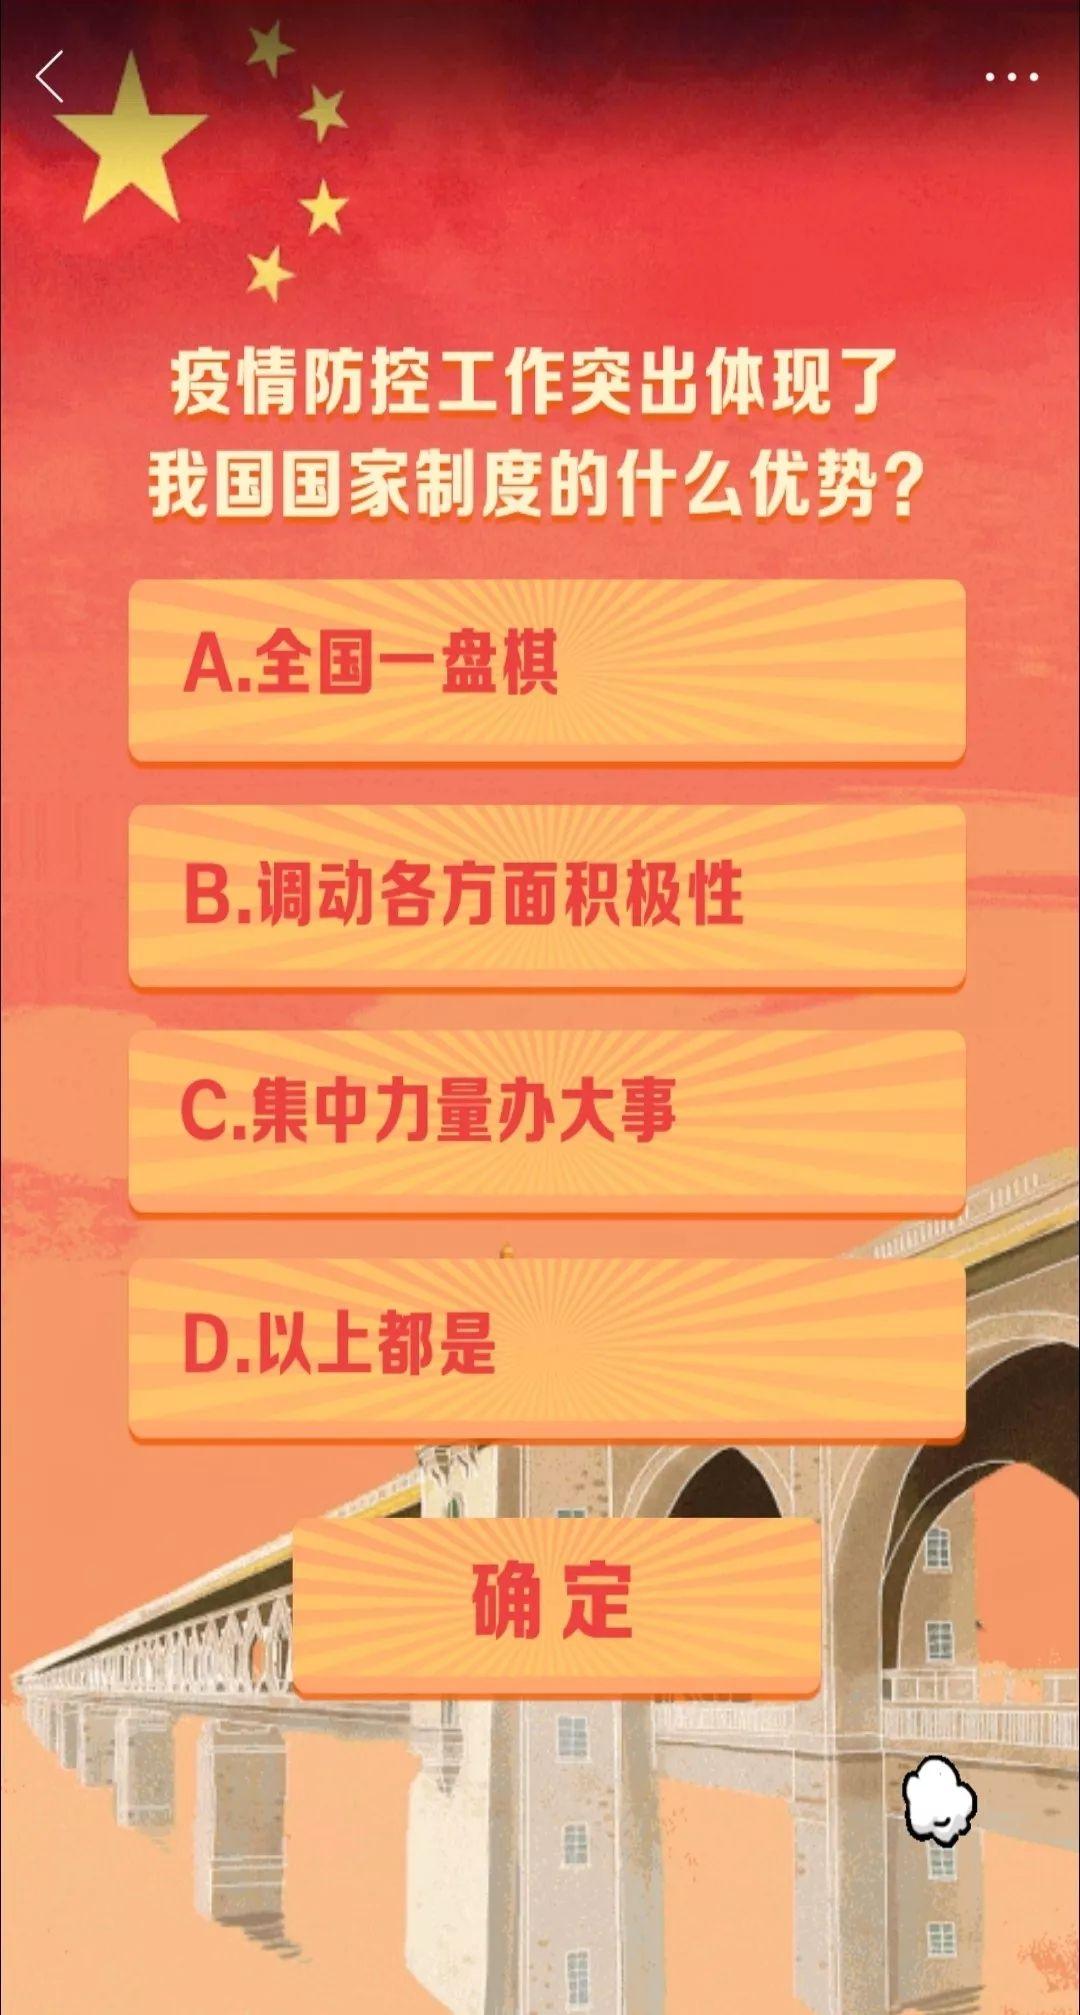 青年大学习第九季第一期答案大全 第九季第一期答案及登录入口[多图]